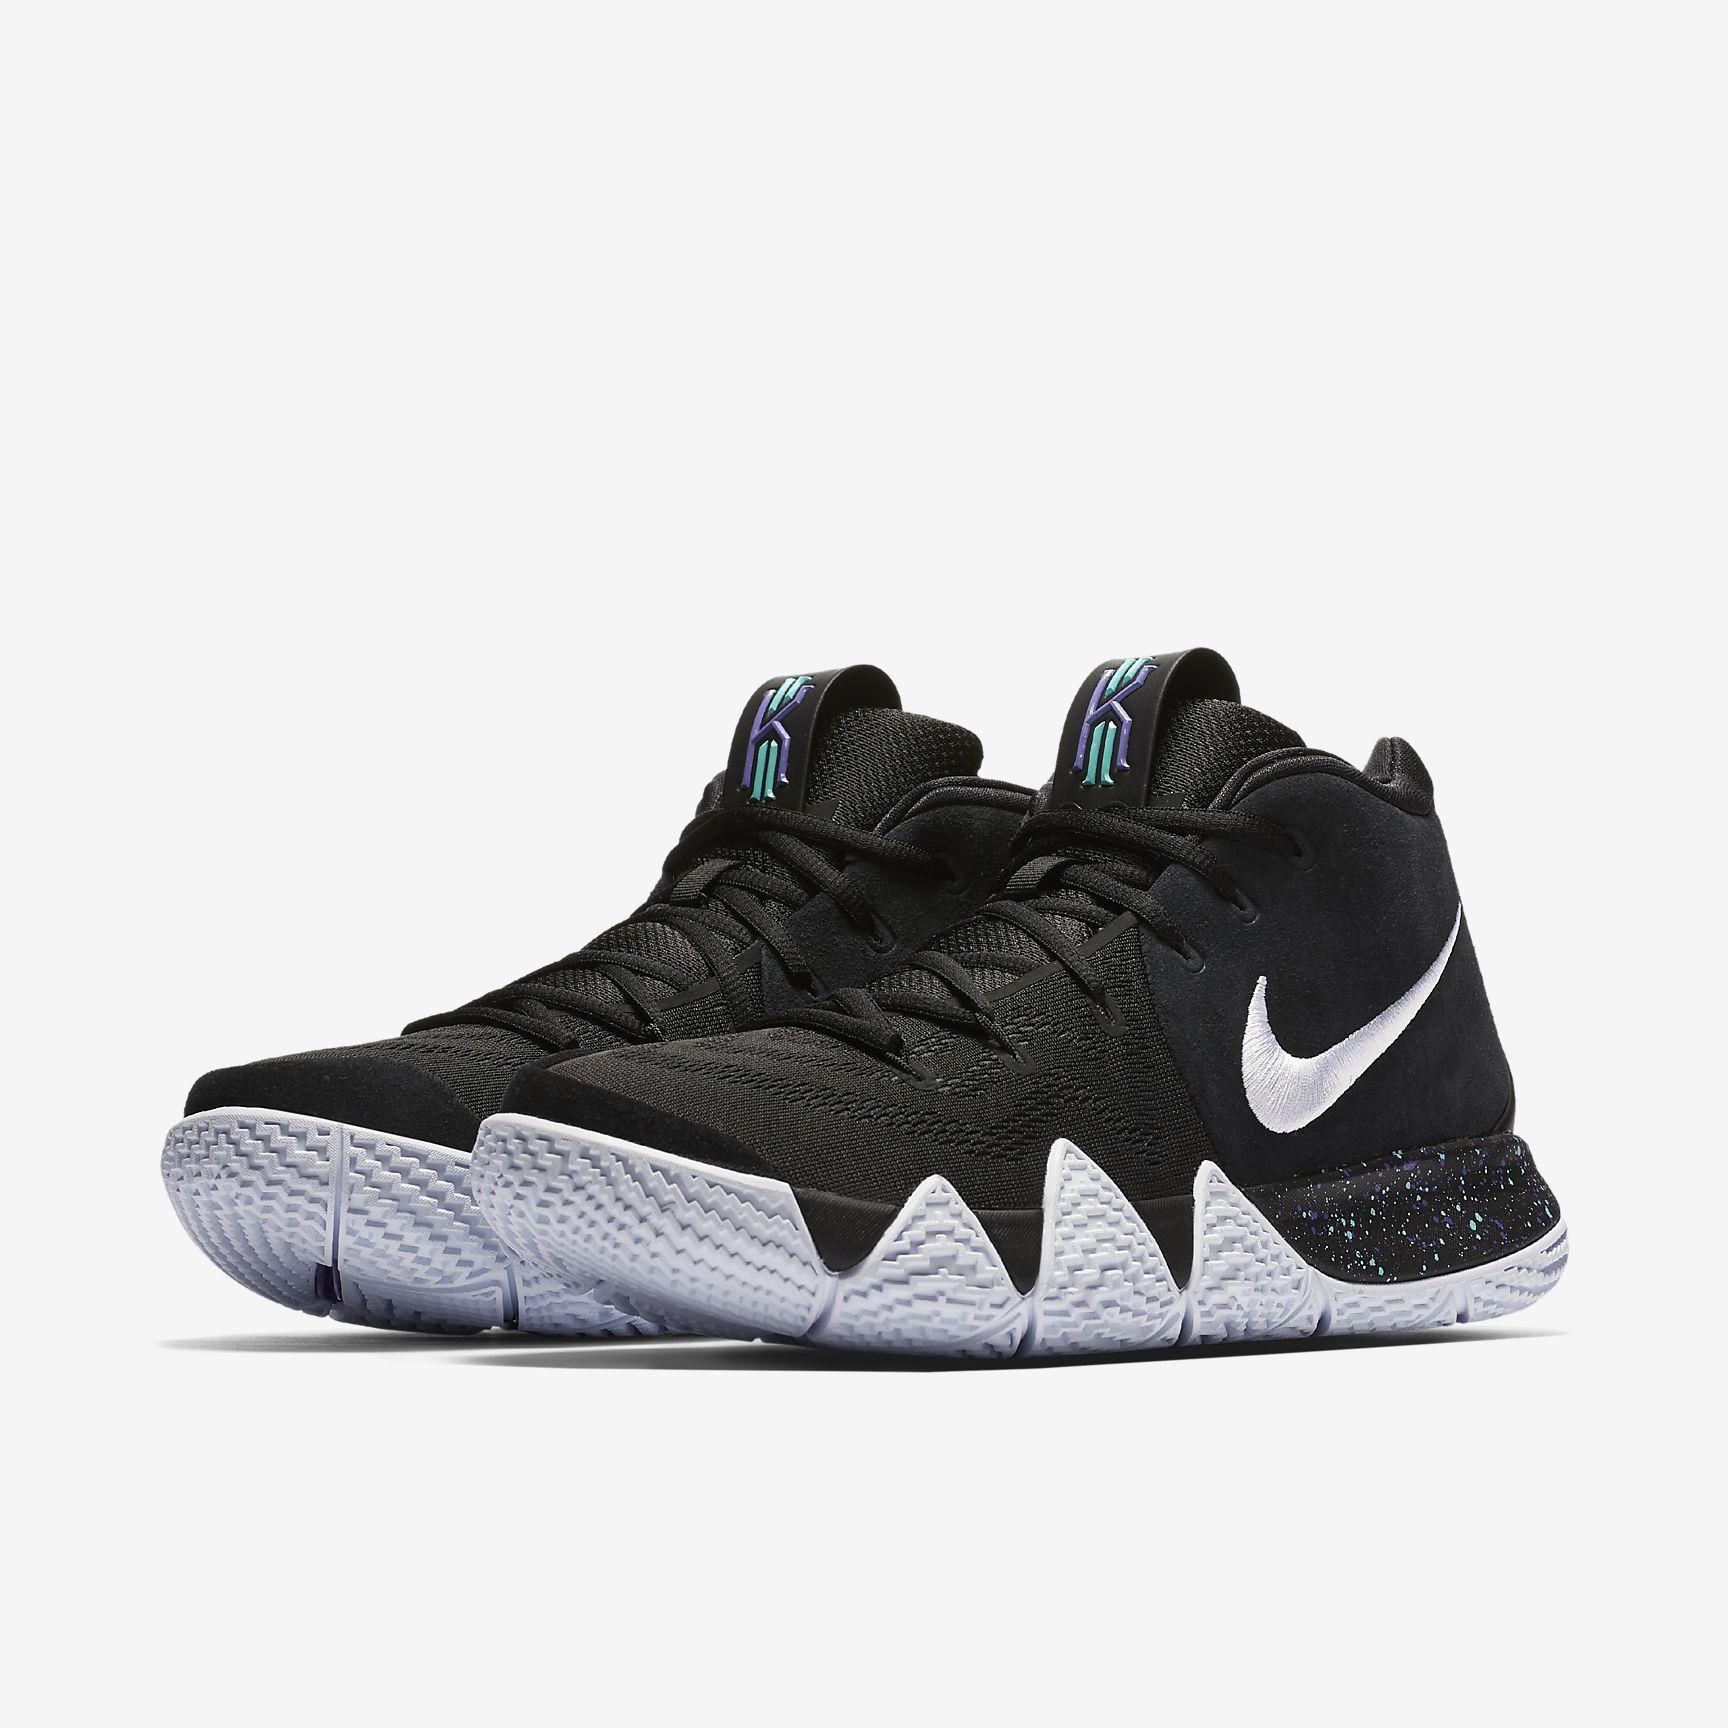 Kyrie 4 Basketball Shoe Nike Basketball Shoes Basketball Shoes Kyrie Girls Basketball Shoes